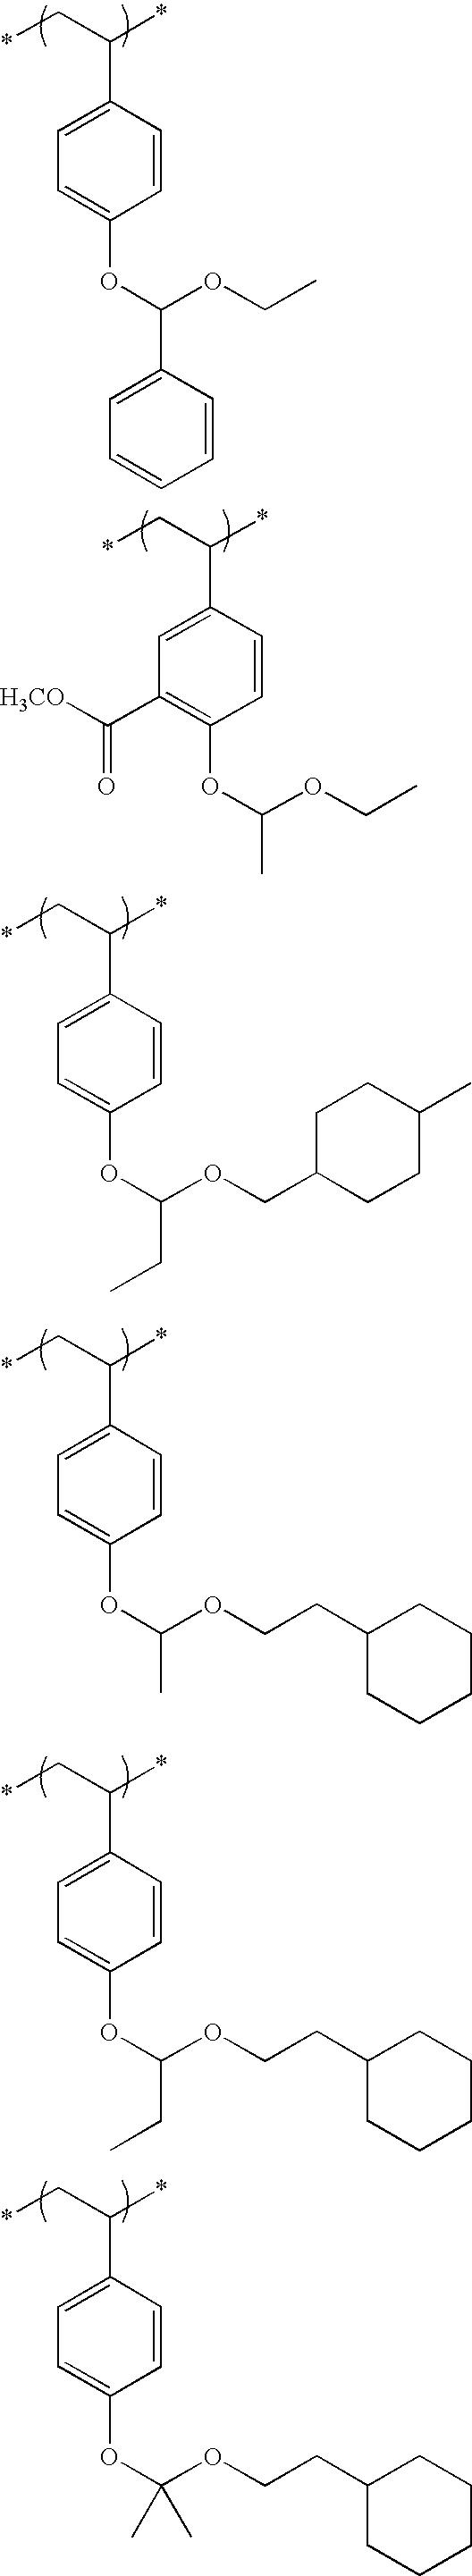 Figure US20100183975A1-20100722-C00087